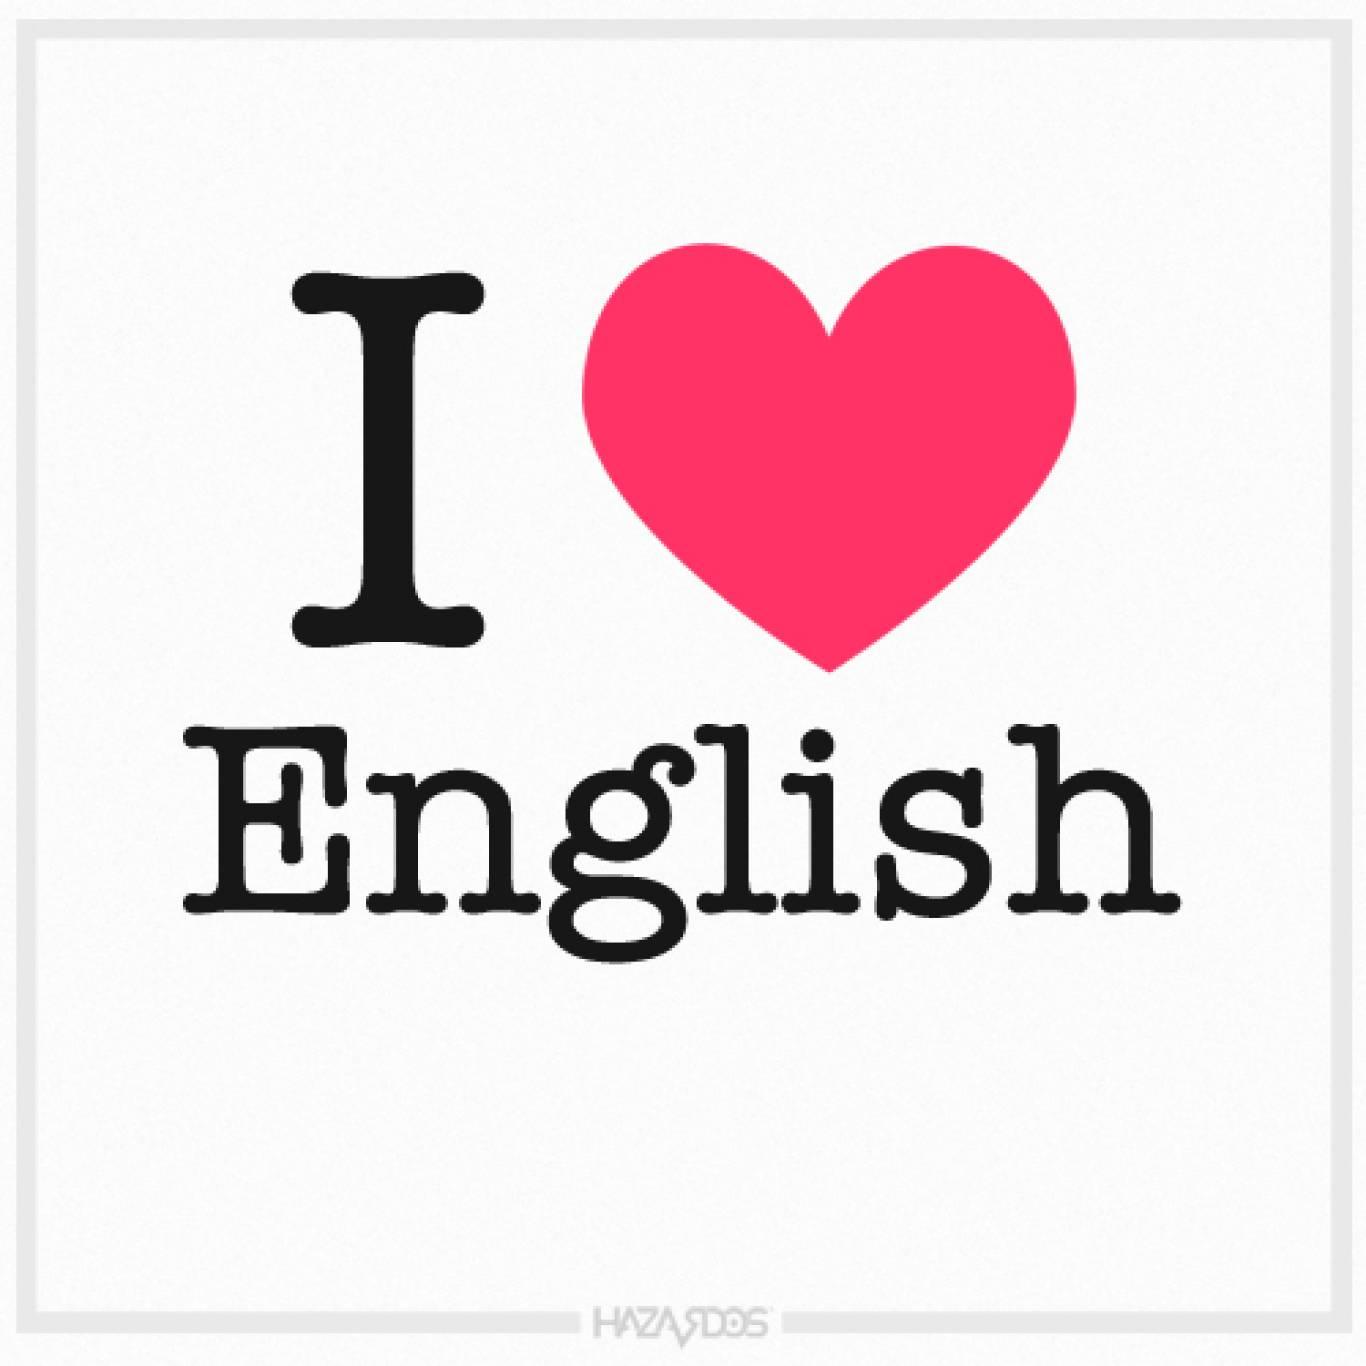 Английский язык картинки с надписями